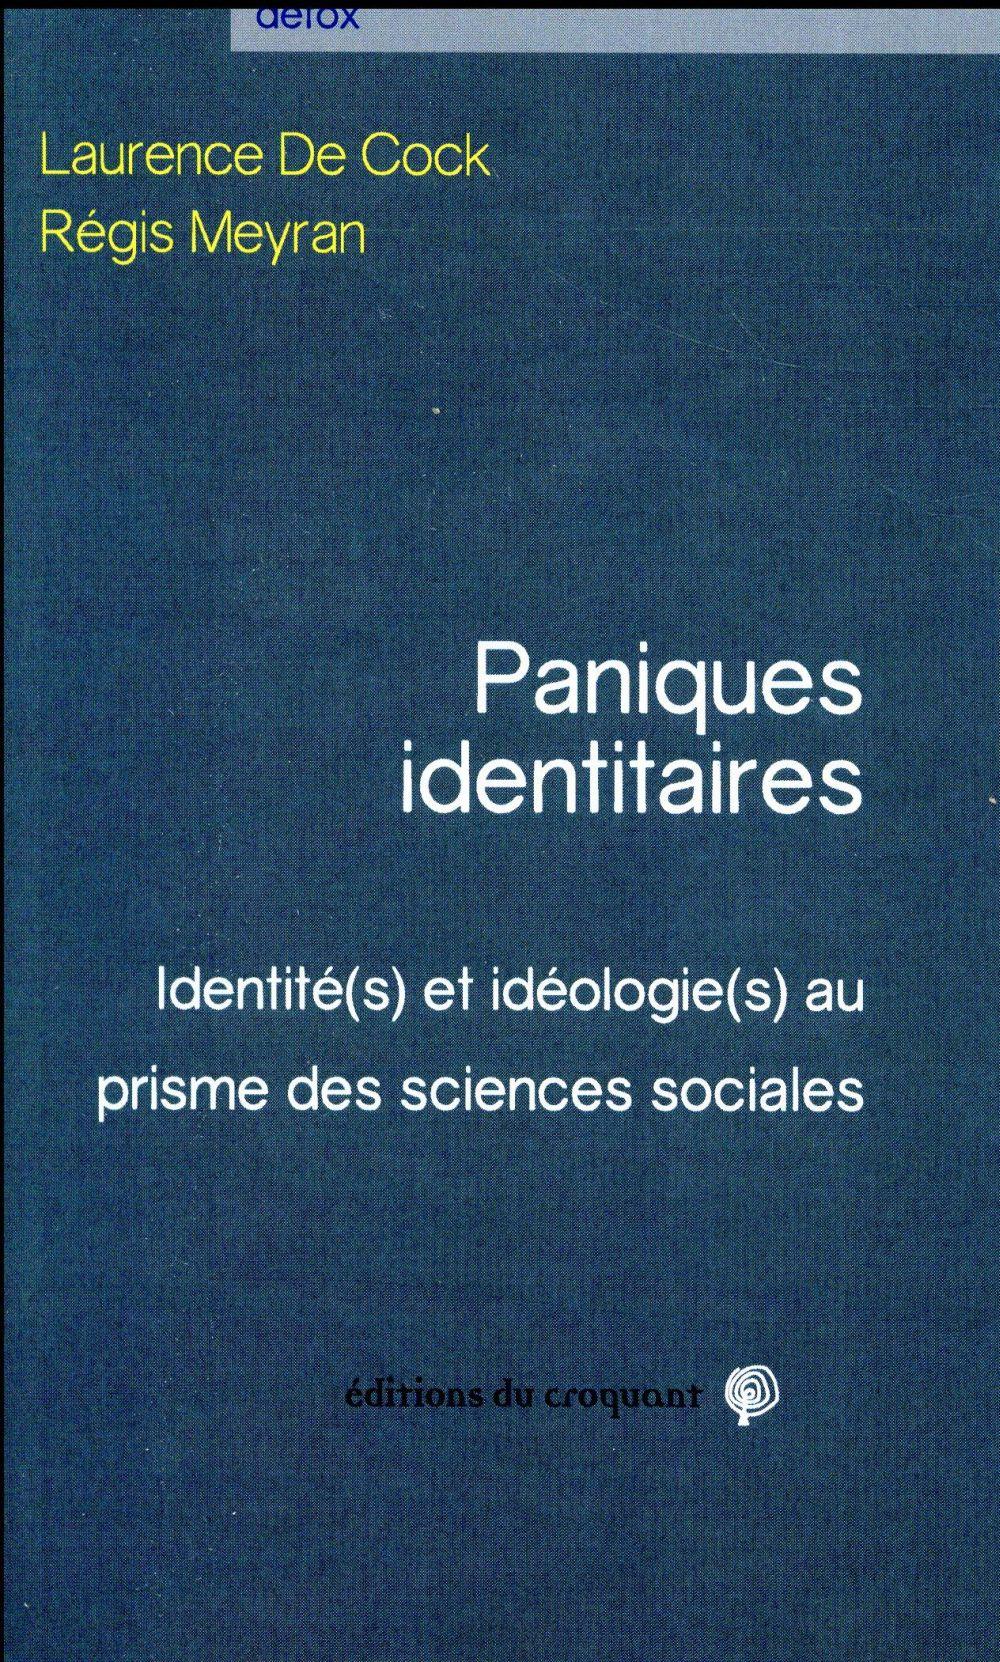 Paniques identitaires ; identité(s) et idéologie(s) au prisme des sciences sociales